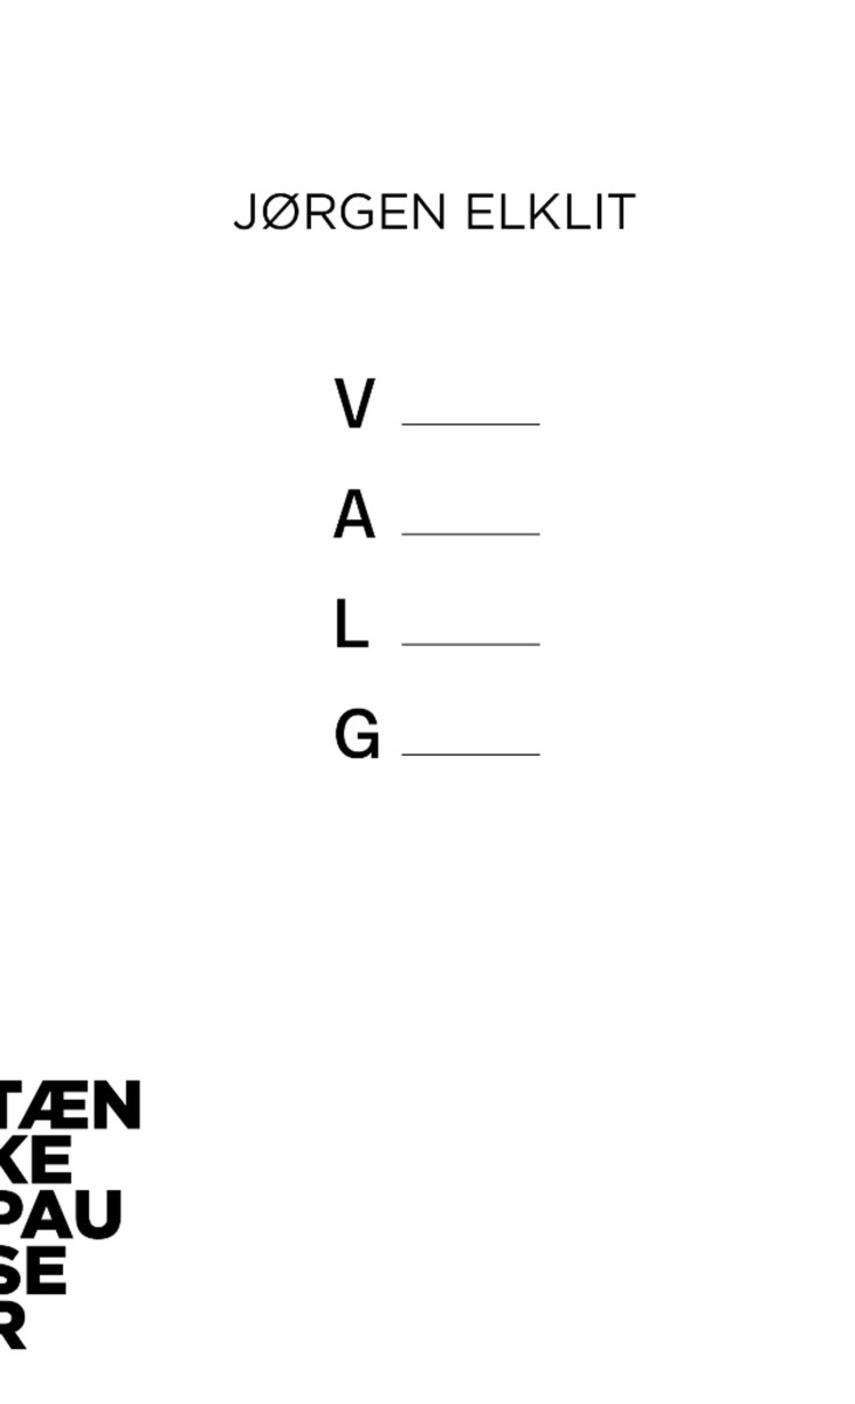 Jørgen Elklit: Valg